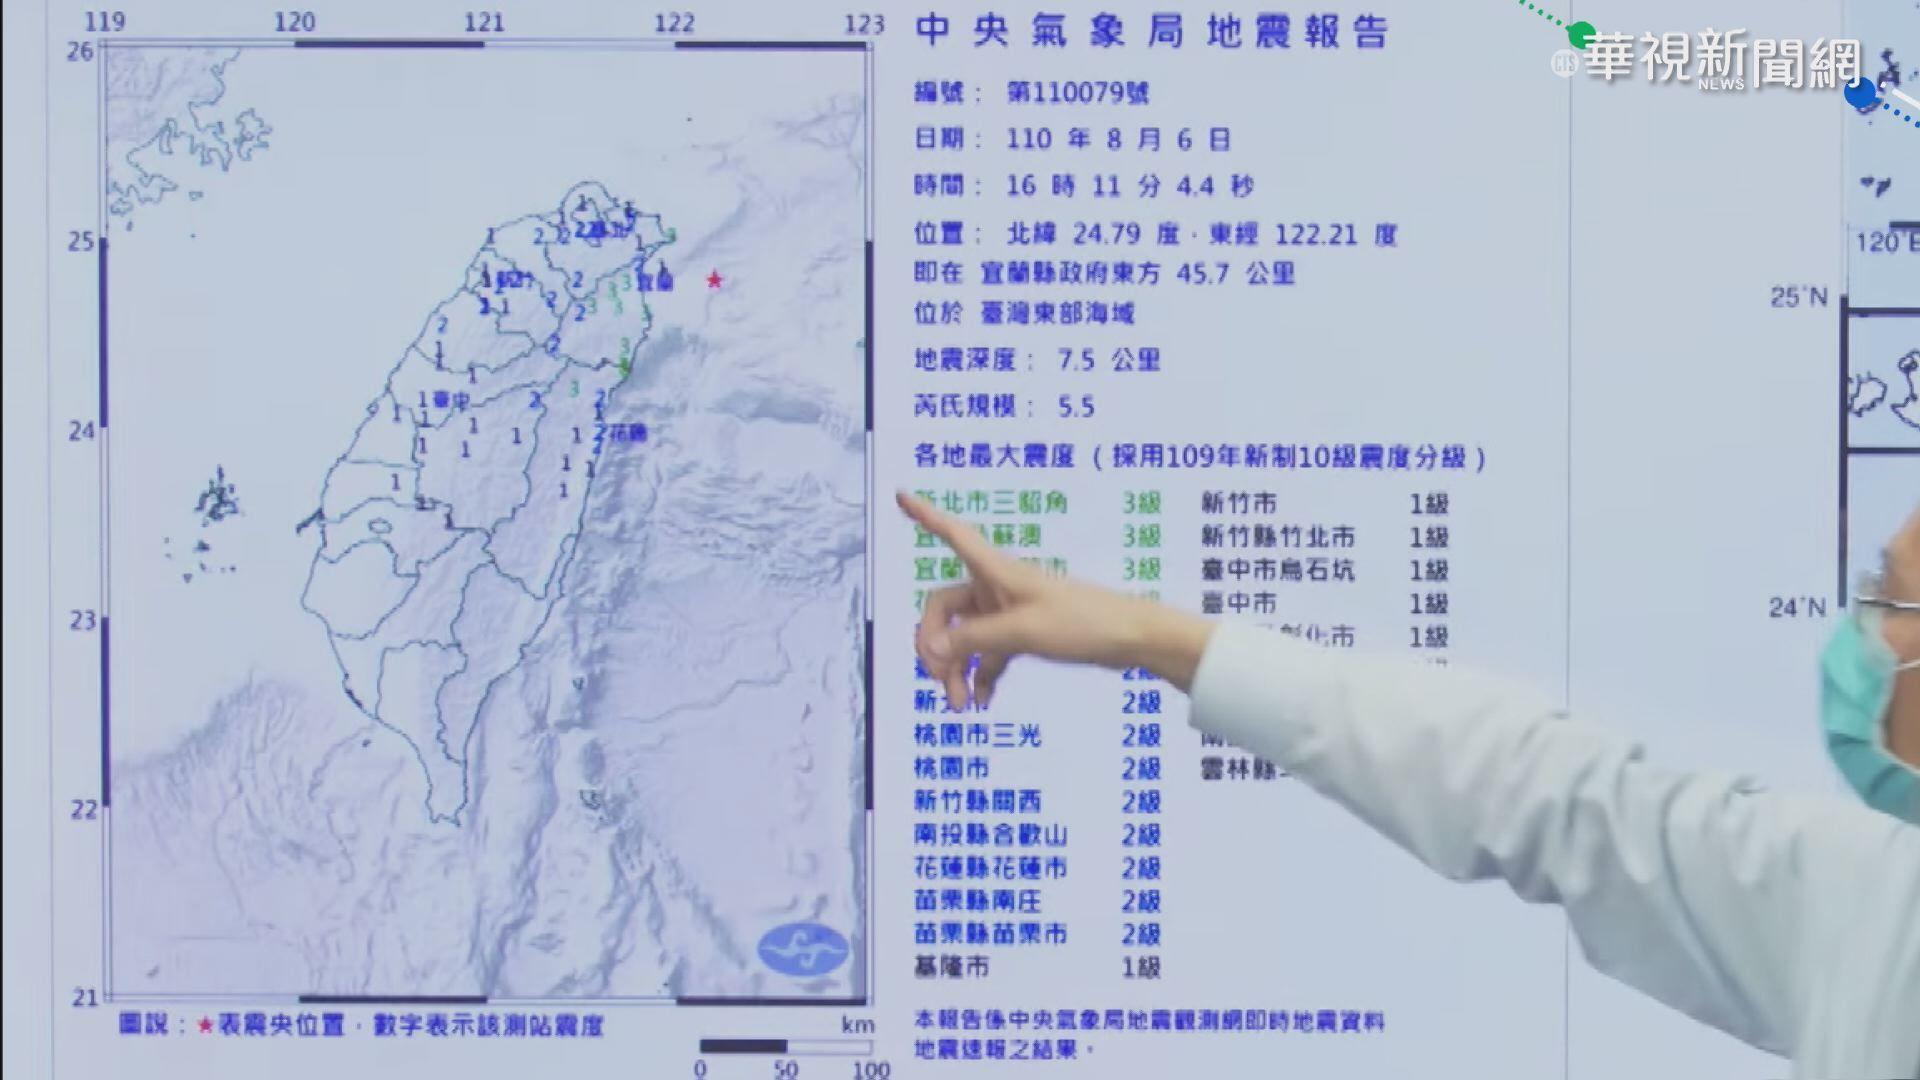 東部海域規模5.5地震! 新北.宜花震度3級